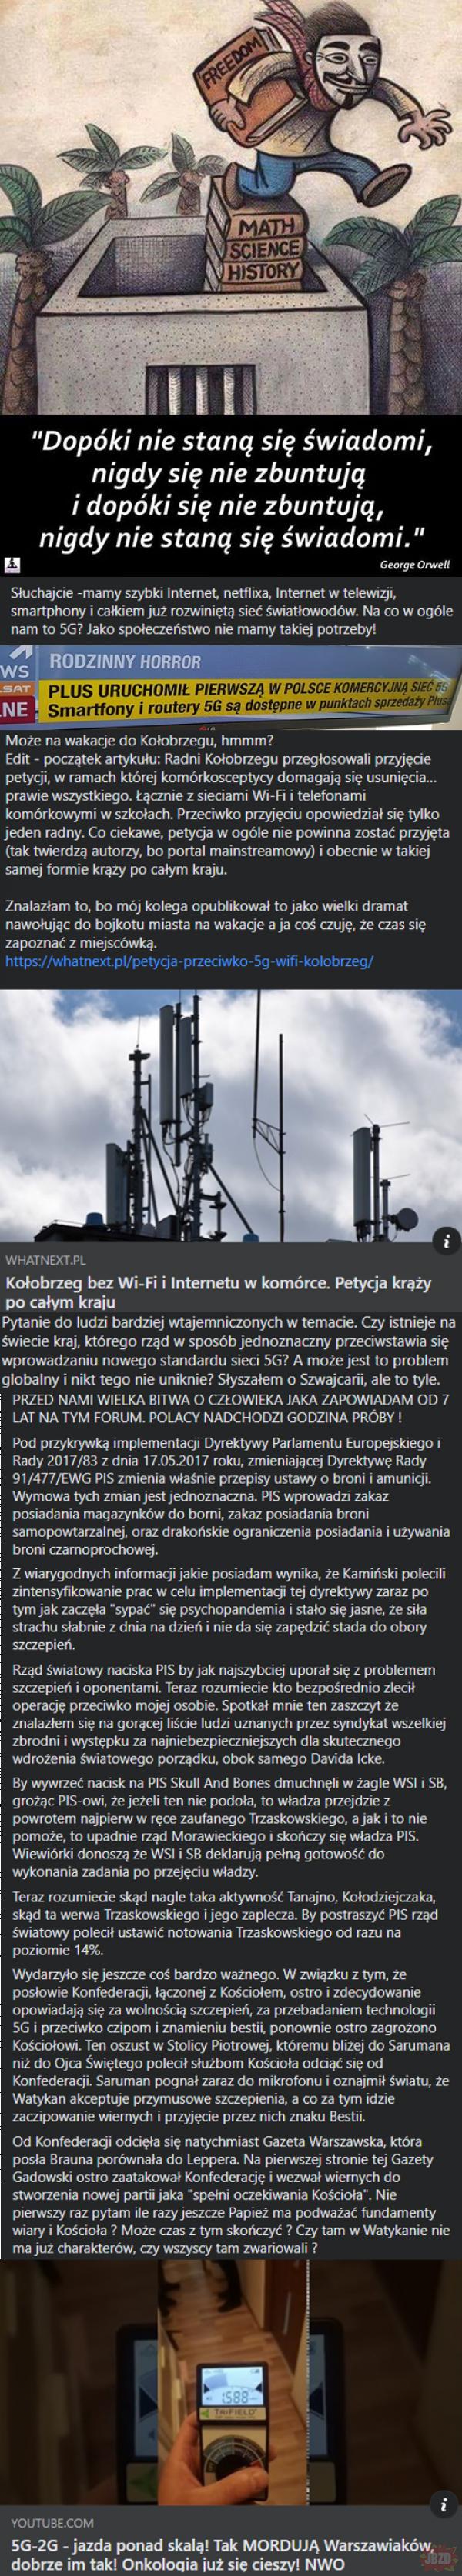 Ostatnimi czasy robię za rządowego szpiega na grupie polskie nie dla 5g i chciałem sięz wami podzielić zebranymi danymi. A to dopiero posty sprzed kilku dni XD